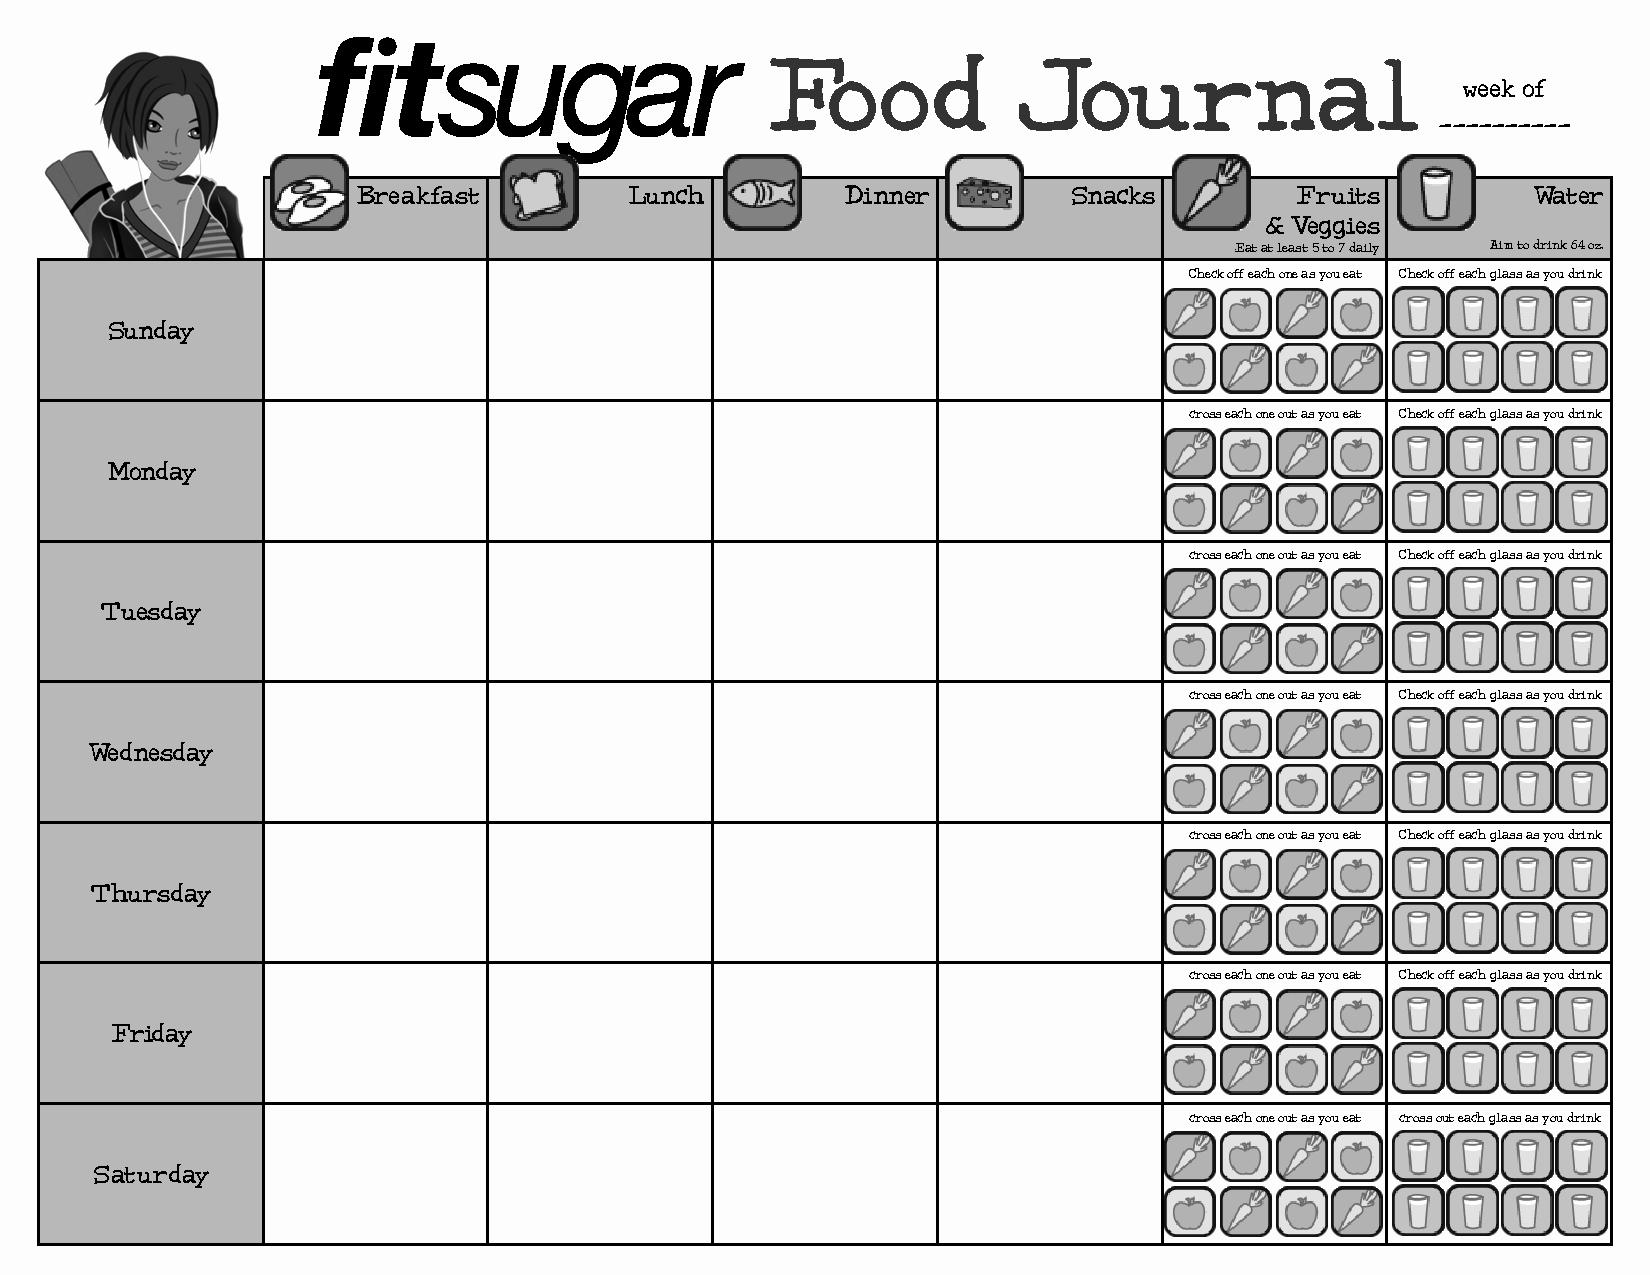 Weekly Food Diary Template Lovely Best S Of Weekly Food Journal Pdf Printable Weekly